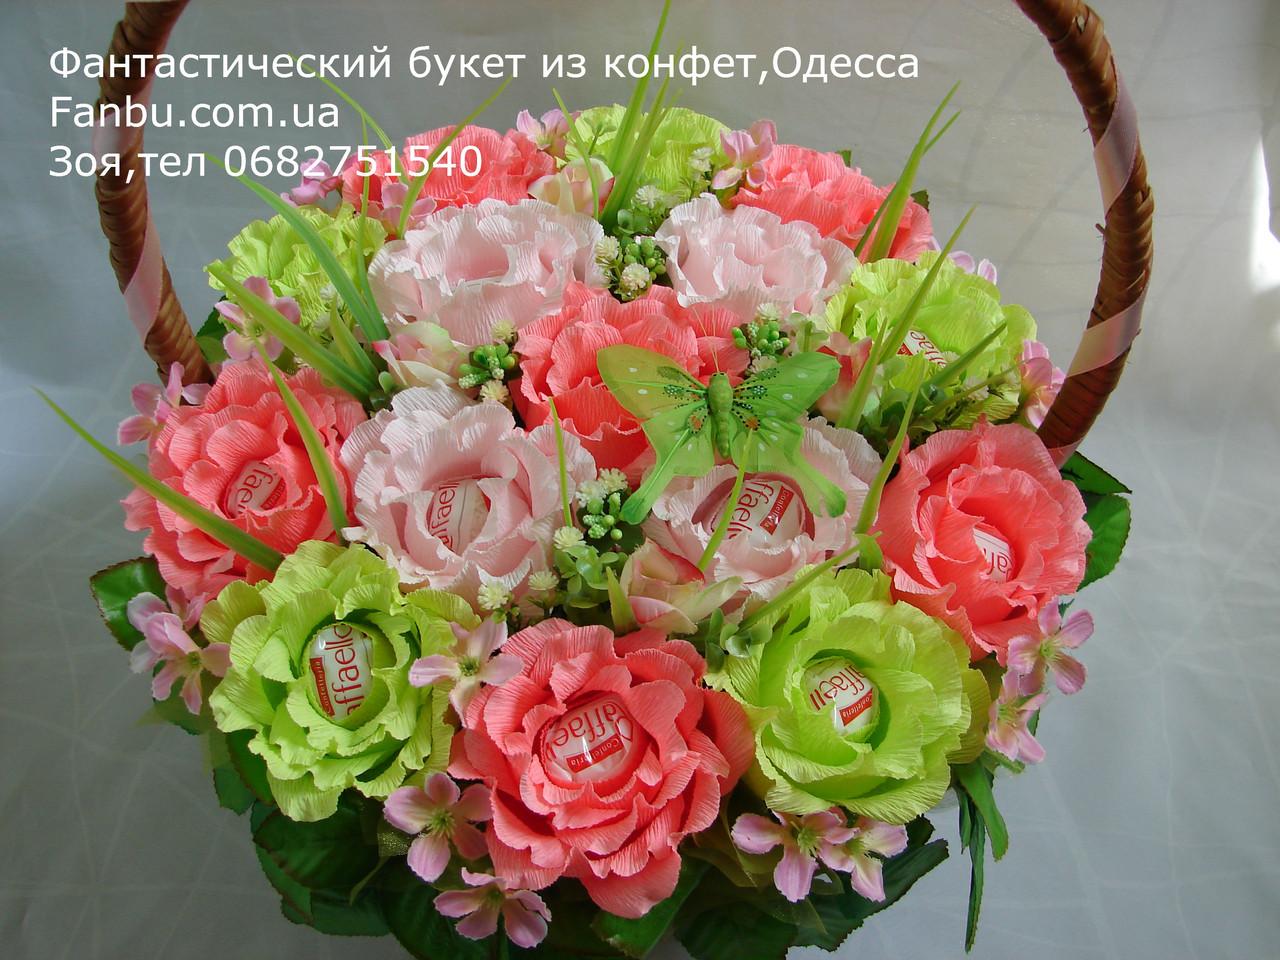 Букеты из конфет на свадьбу в одессе заказать букет роз по интернету